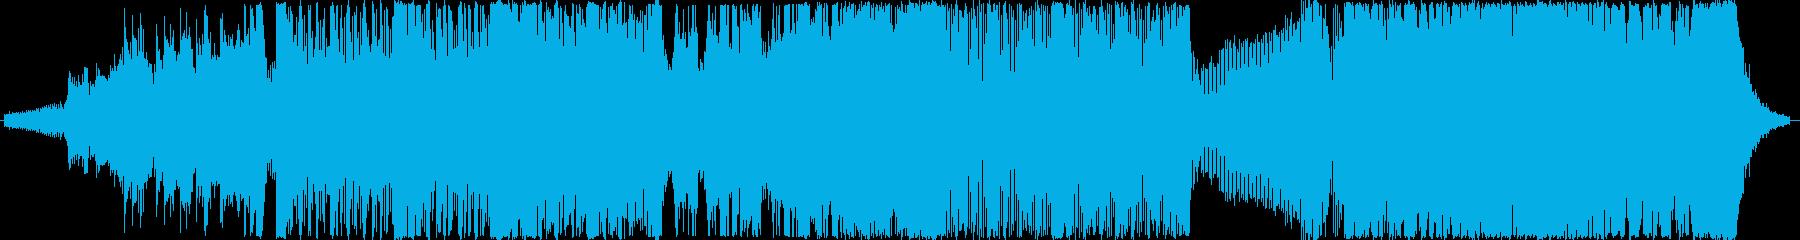 新世紀実験 未来の技術 神経質 燃...の再生済みの波形